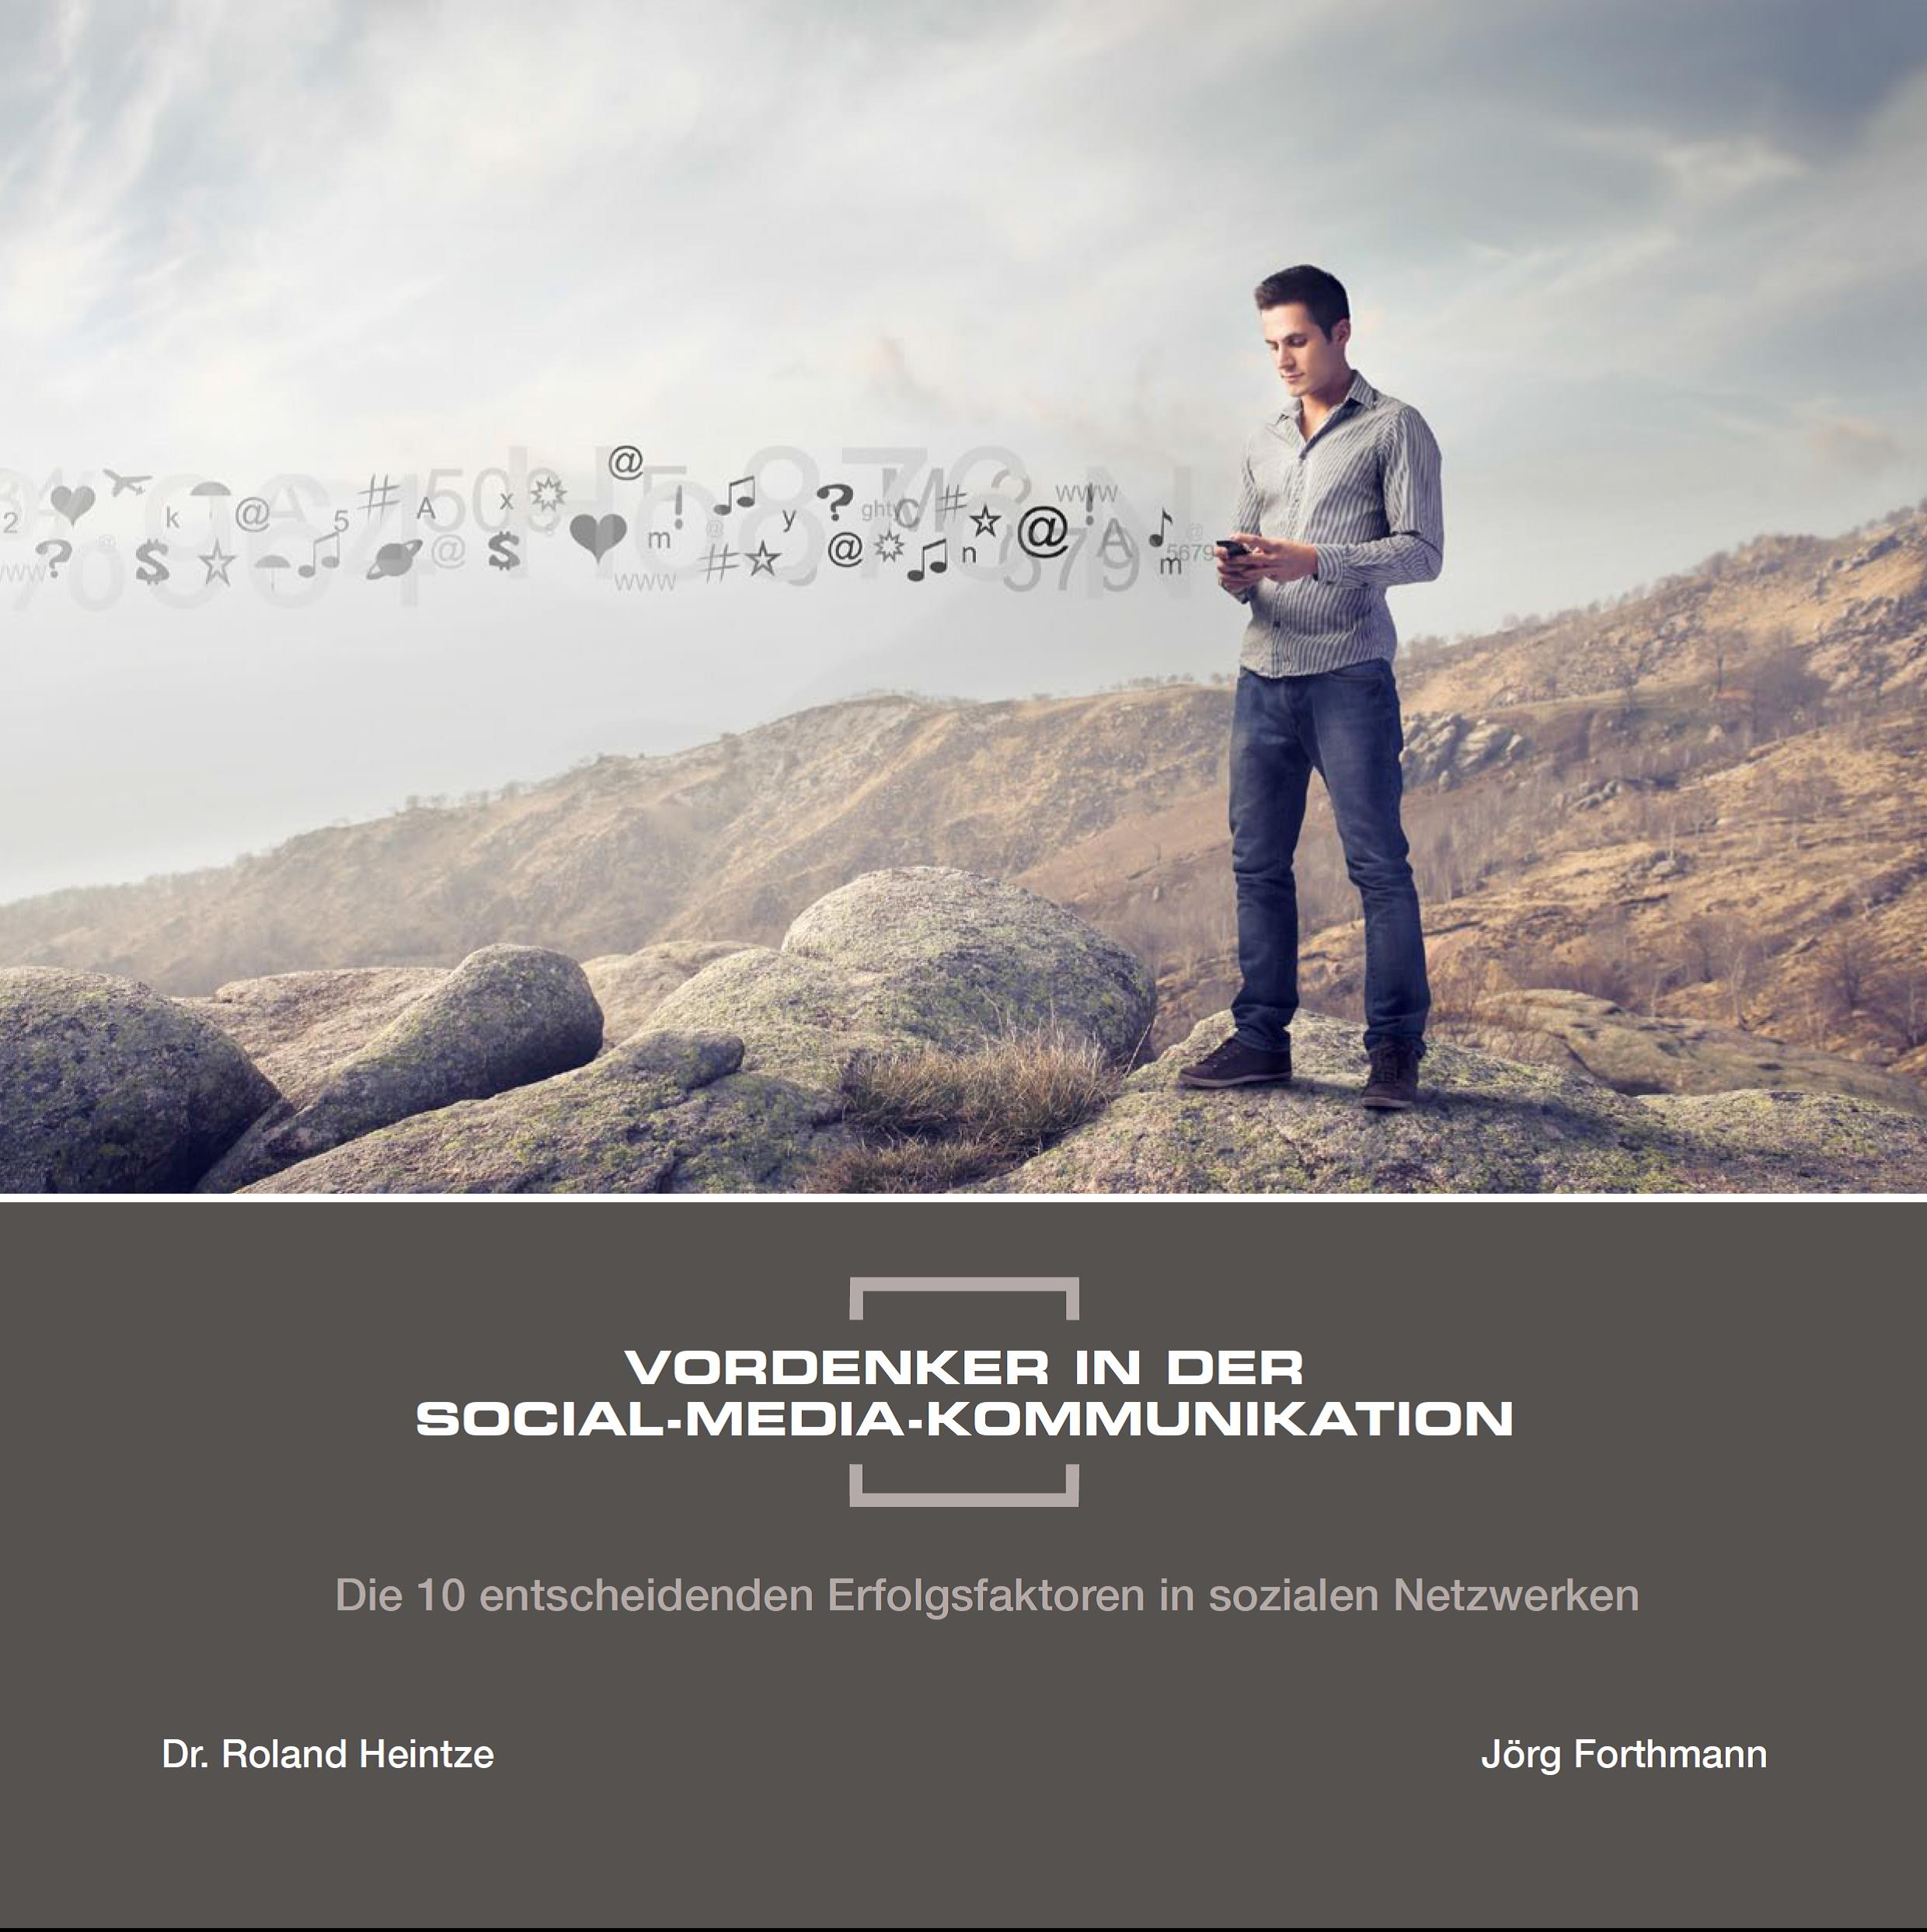 Titelbild Vordenker Social-Media-Kommunikation